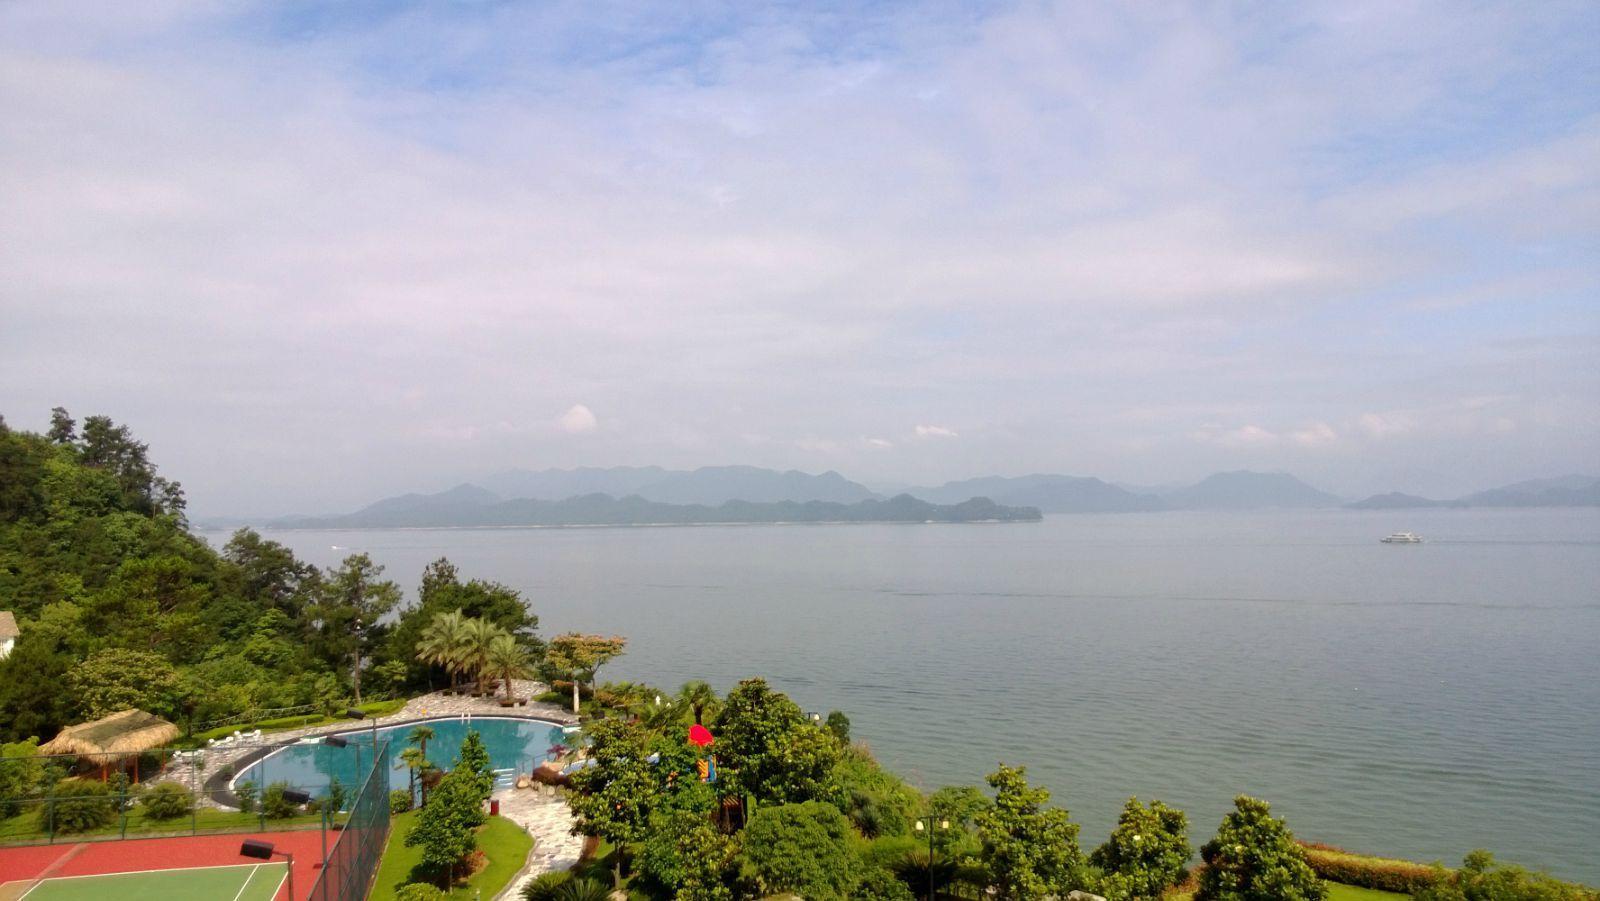 千岛湖和西湖的3日自由行 - 杭州游记攻略【携程攻略】